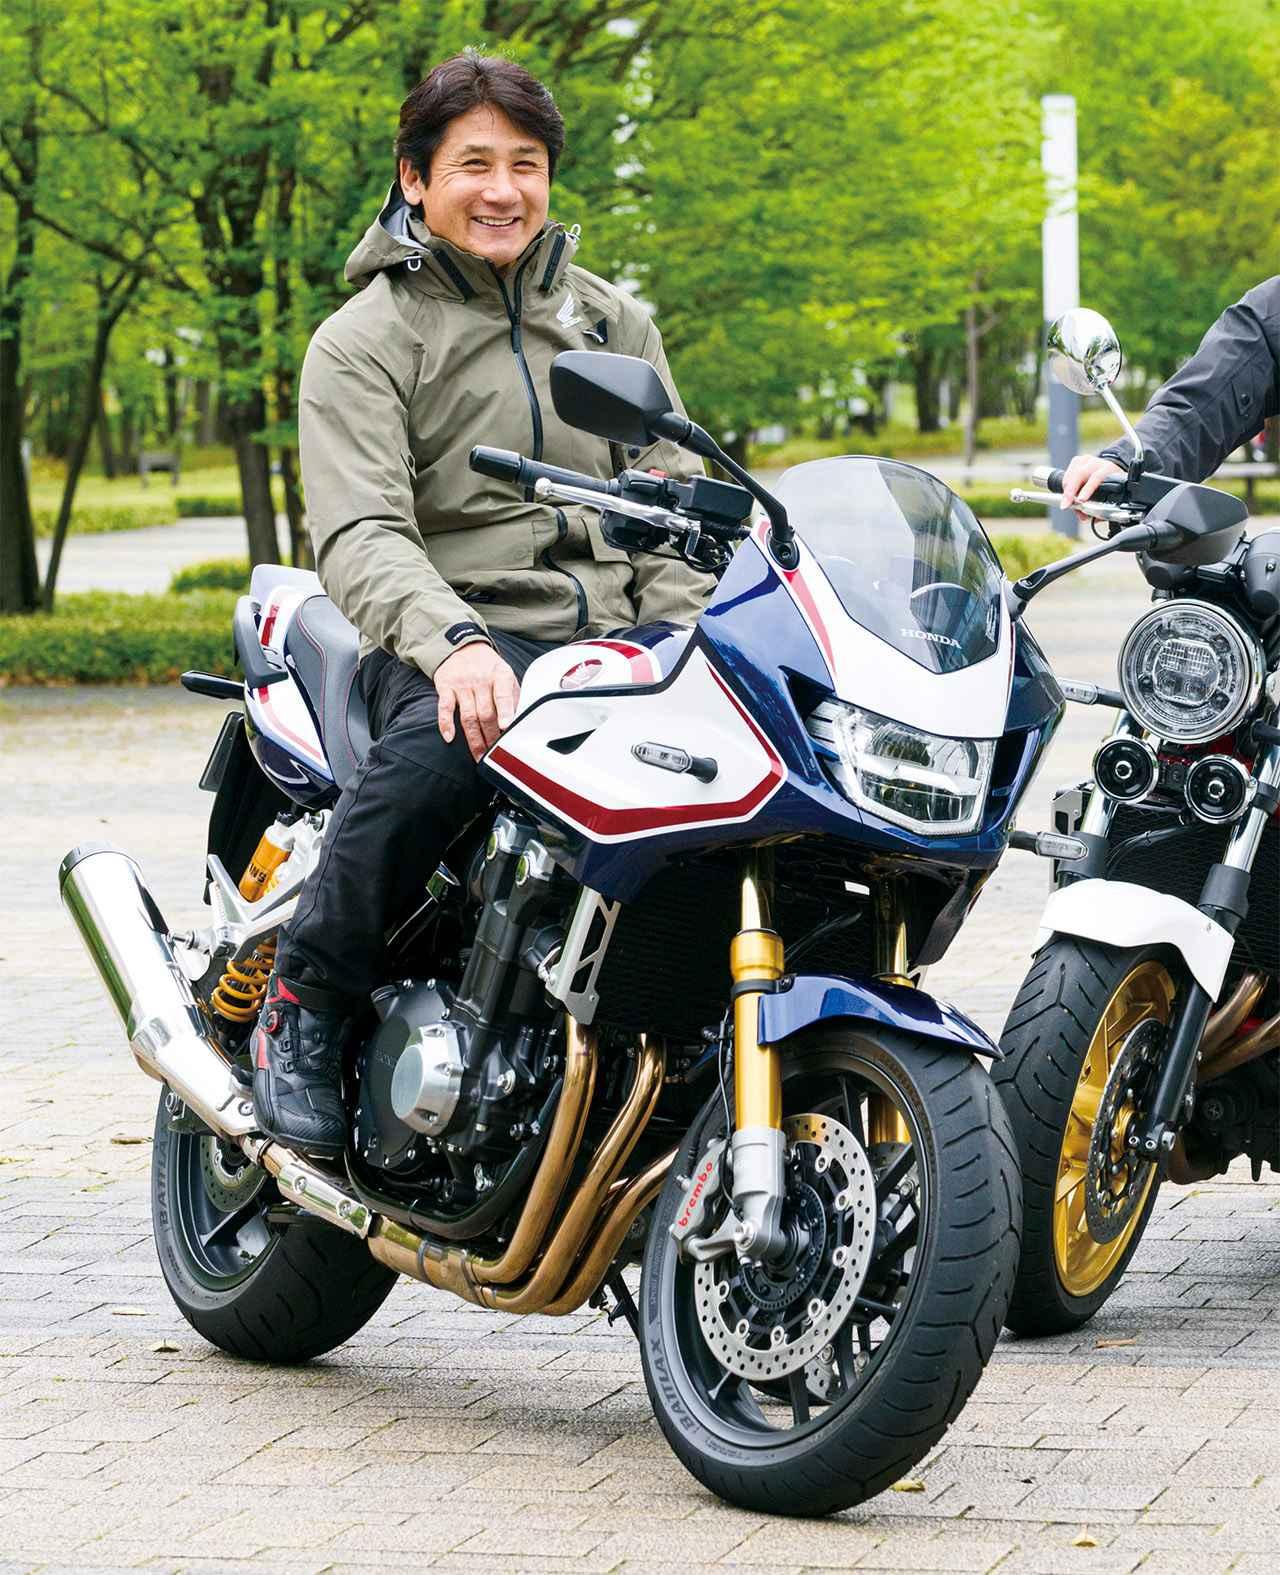 画像: 伊藤真一 (いとう しんいち) 1966年、宮城県生まれ。1988年ジュニアから国際A級に昇格と同時にHRCワークスチームに抜擢される。以降、WGP500クラスの参戦や、全日本ロードレース選手権、鈴鹿8耐で長年活躍。2021年は監督として「Astemo Honda Dream SI Racing」を率いてJSB1000などに参戦。